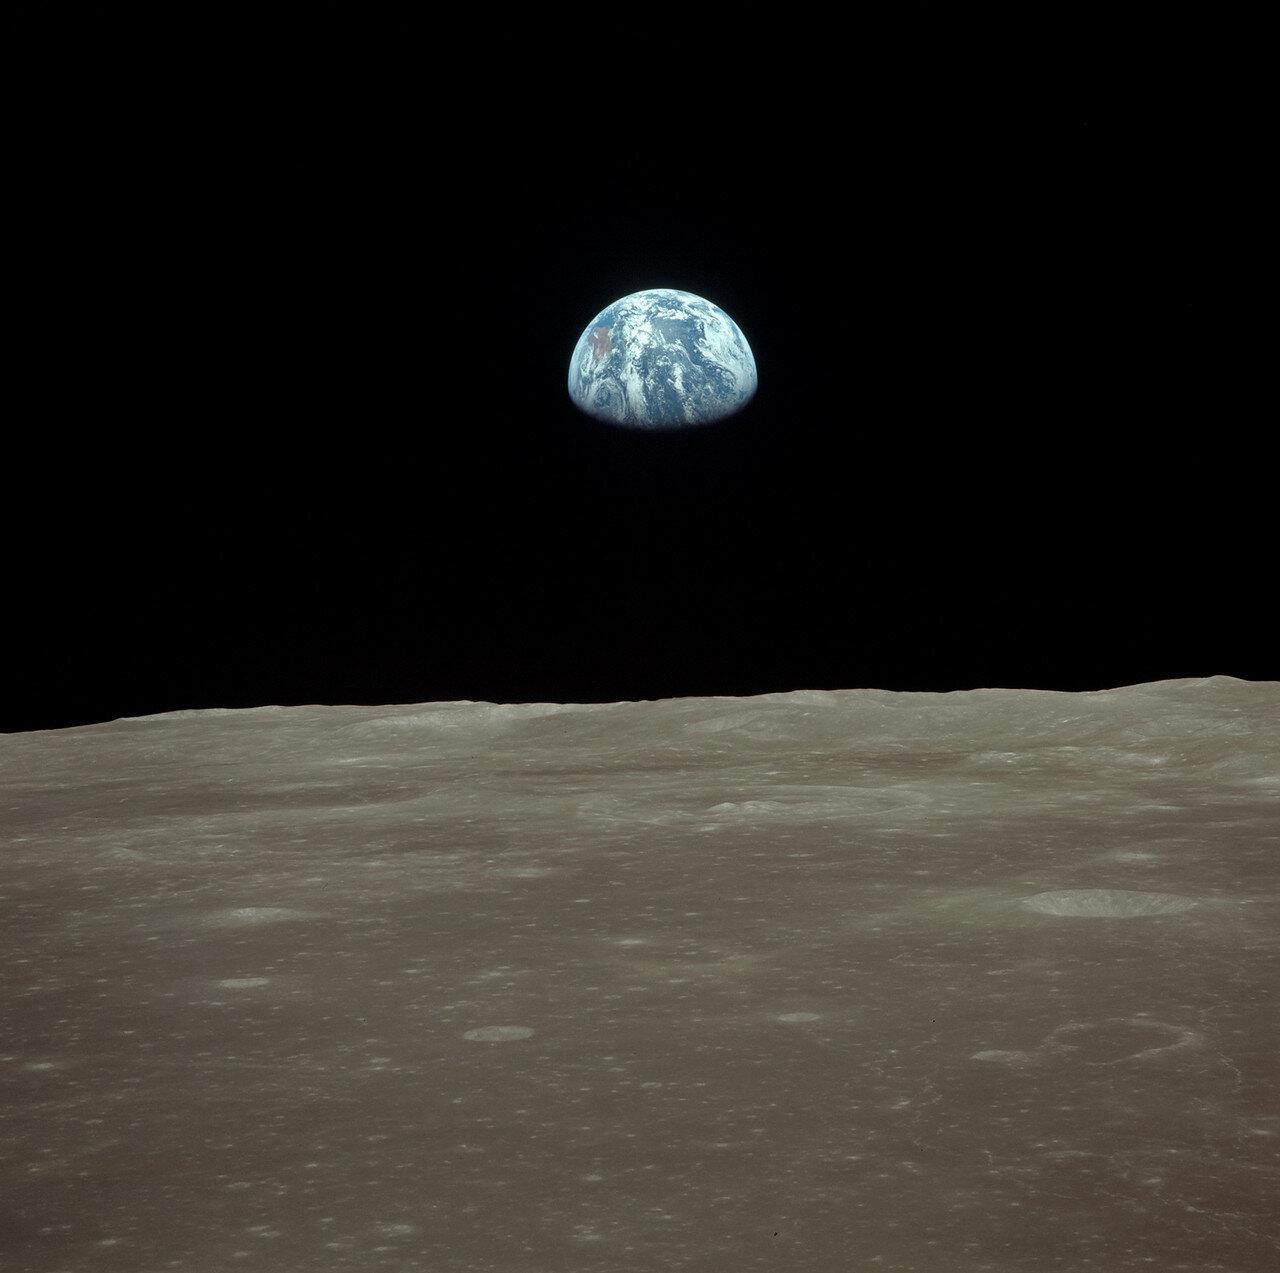 Вскоре после того, как Армстронг и Олдрин перешли в командный модуль, взлётная ступень «Орла» была сброшена. Она осталась на орбите, но со временем должна была упасть на Луну